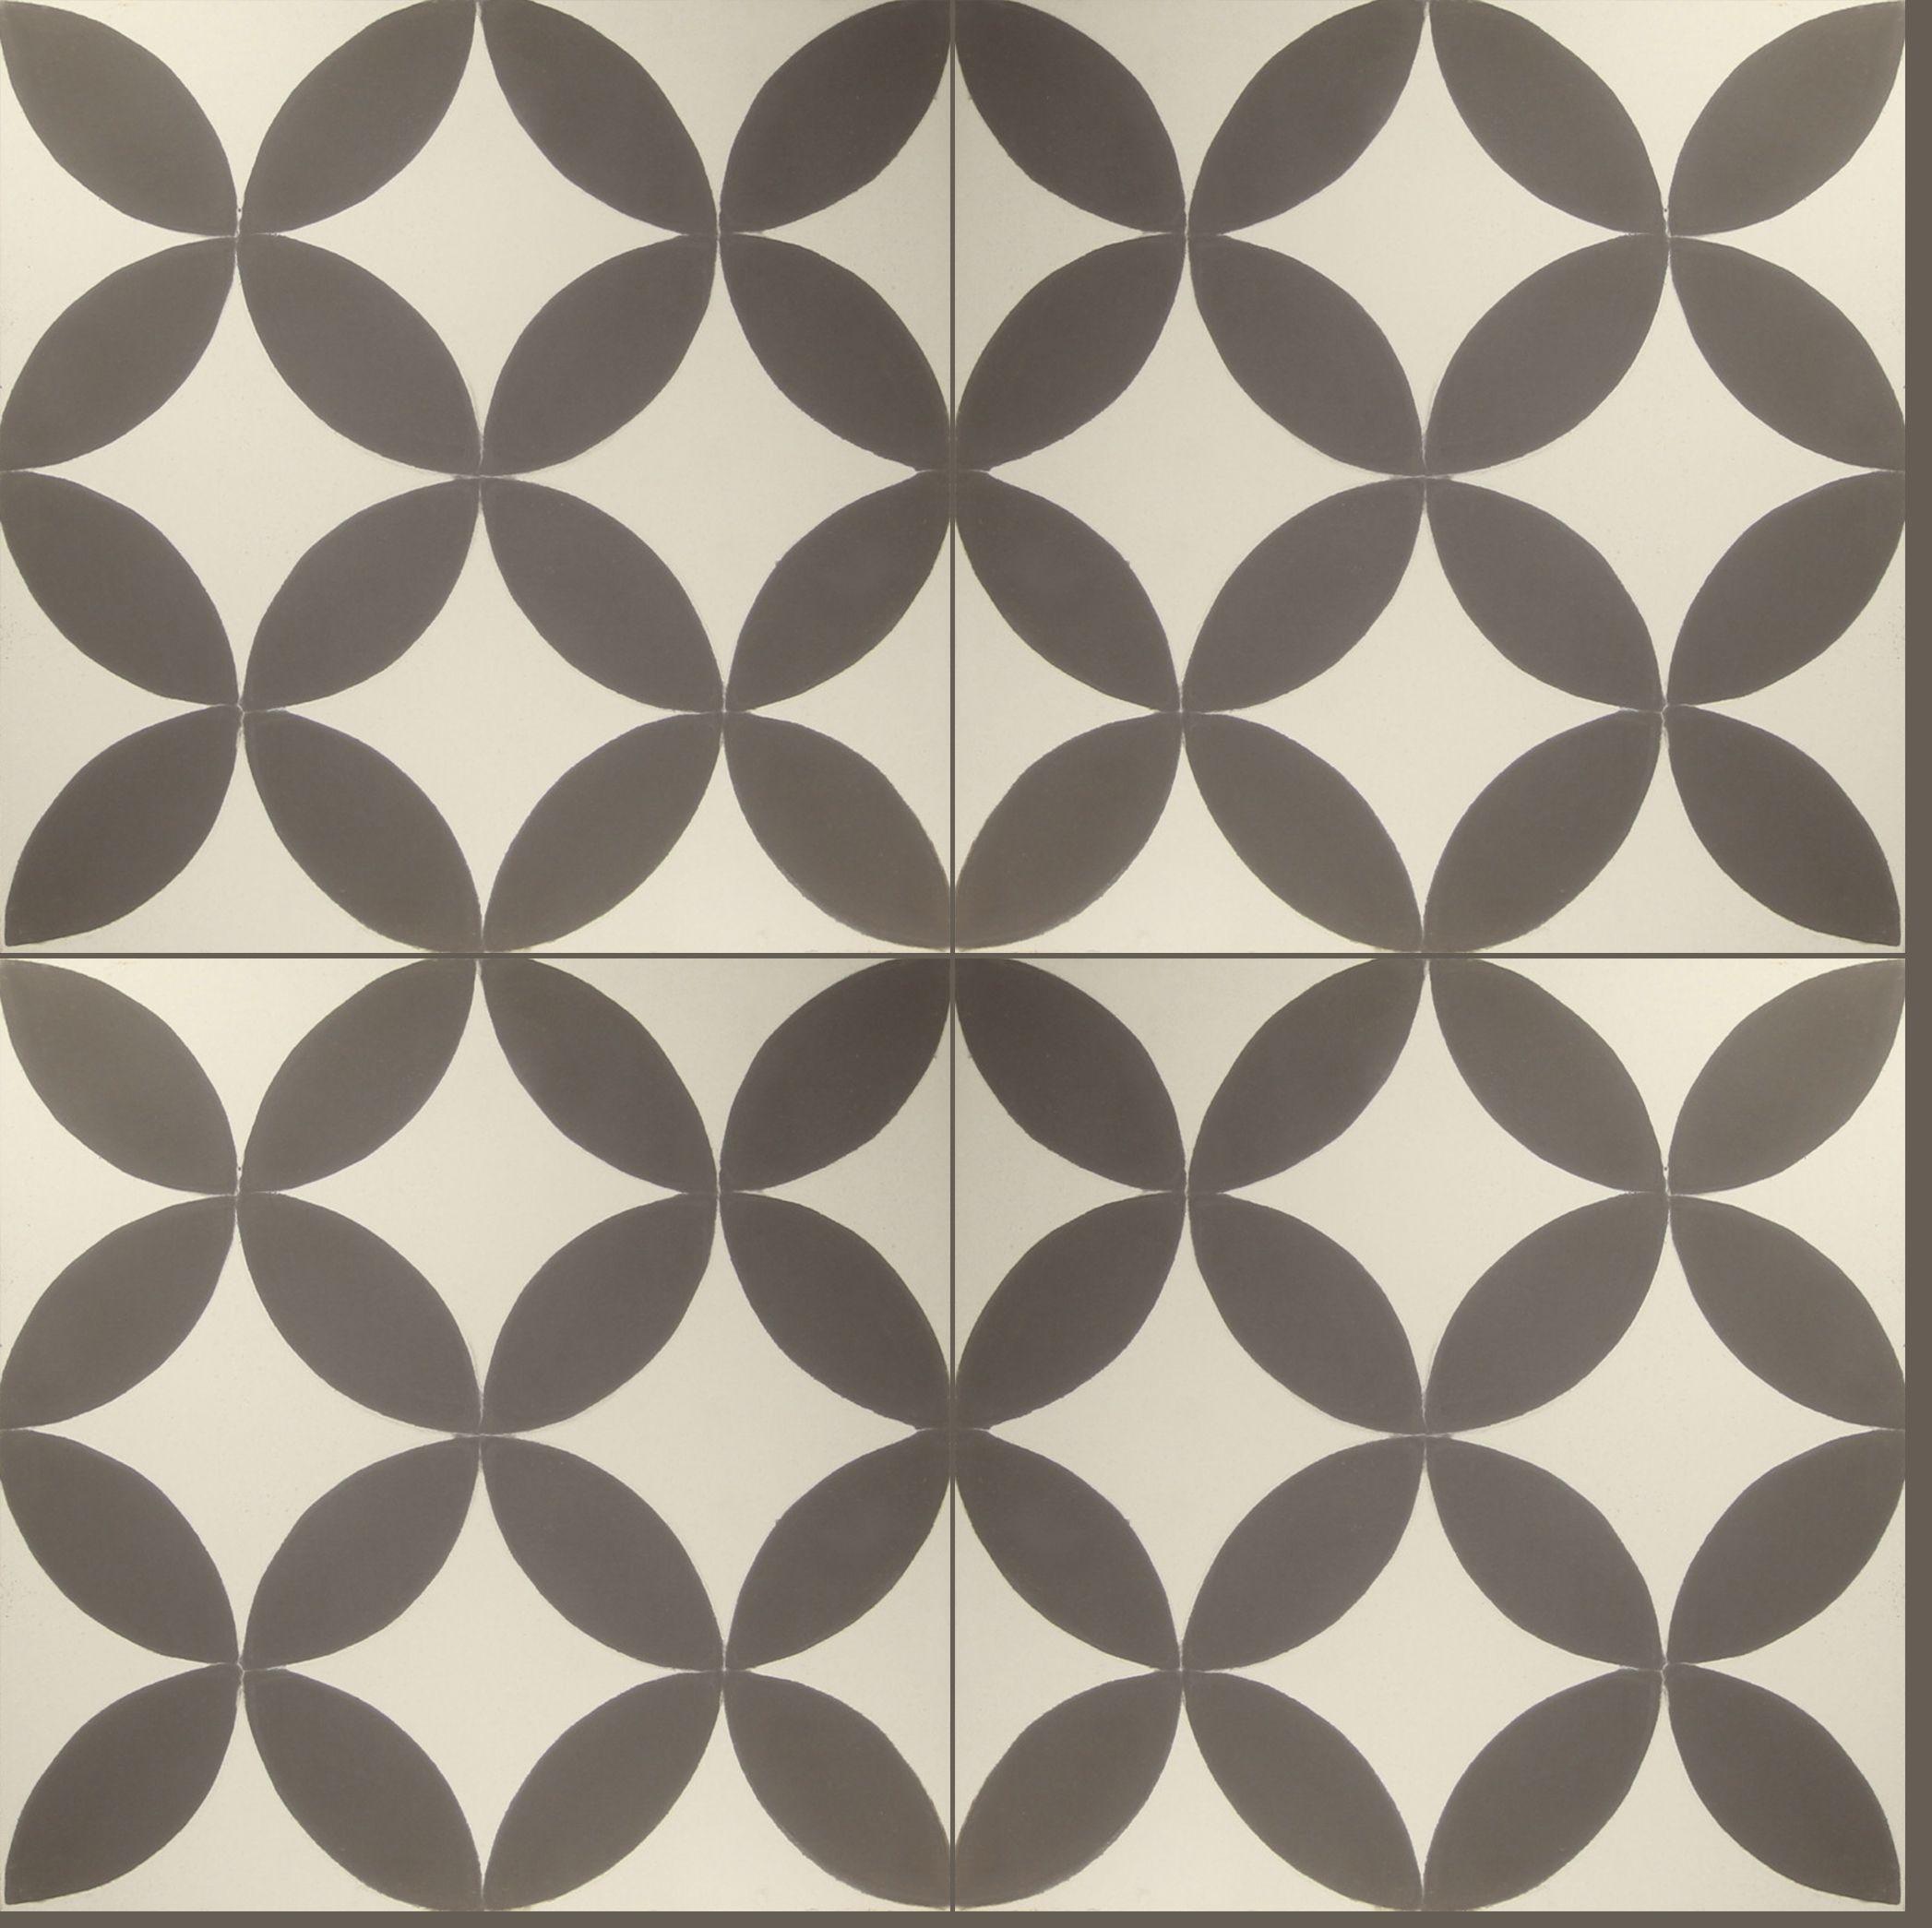 Torino 937 un mosaico moderno y clasico a la vez - Tipos de baldosa ...